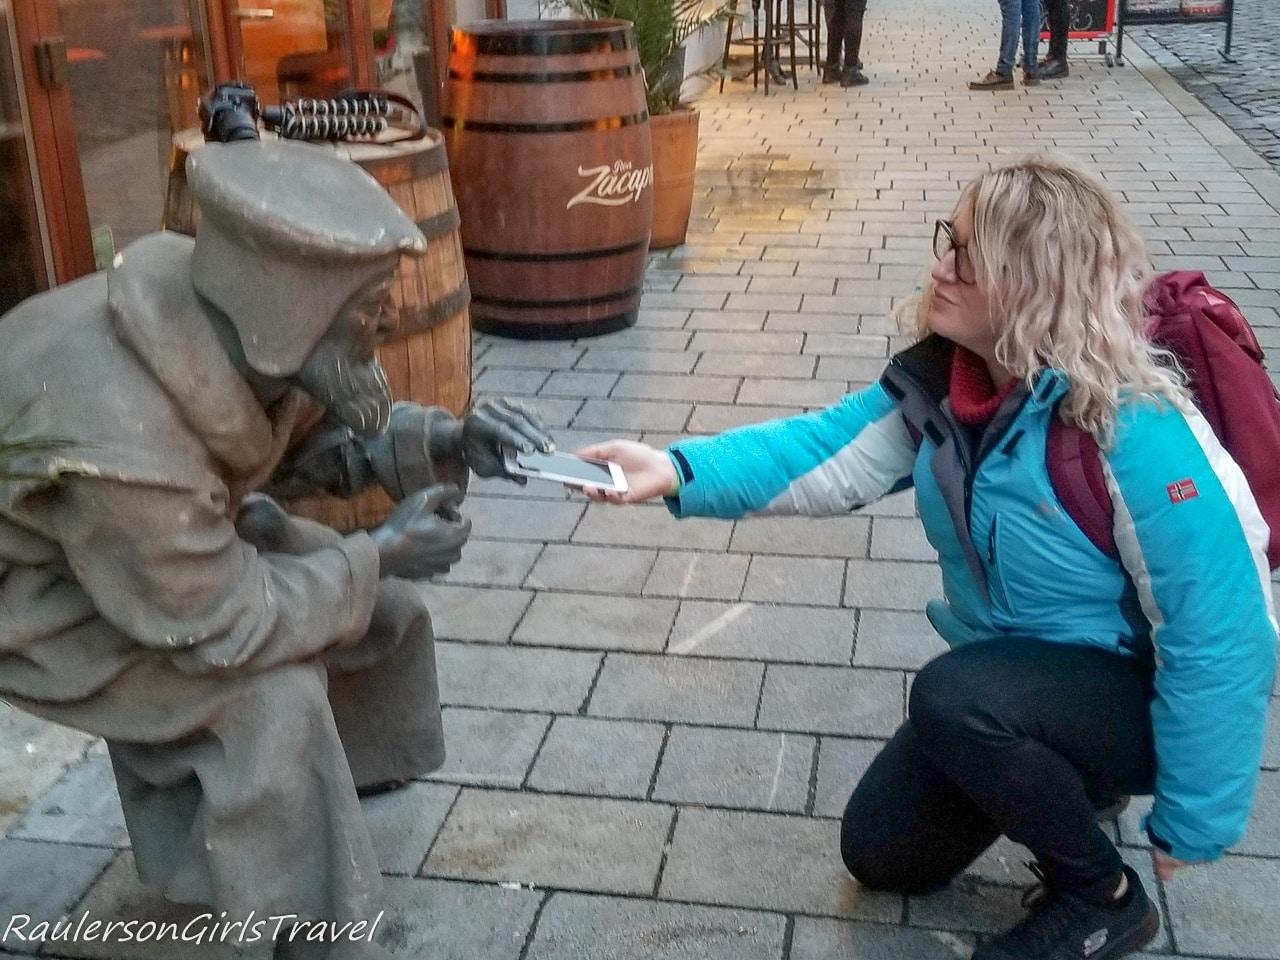 Rebecca offering her phone to a Bratislava statue